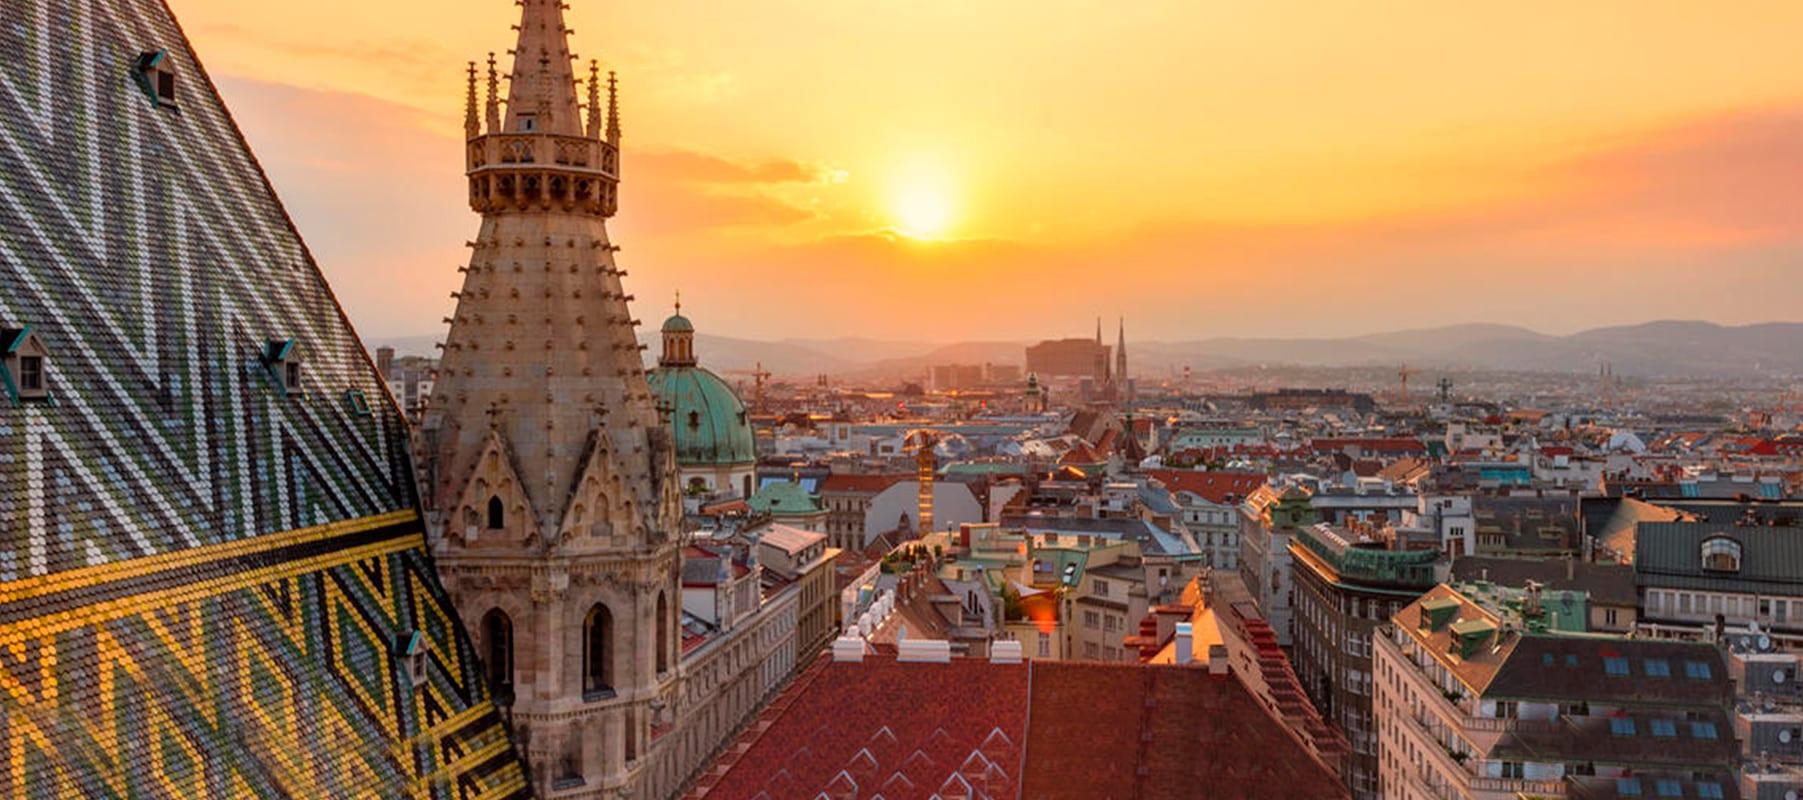 Leste Europeu Quatro Capitais Premium